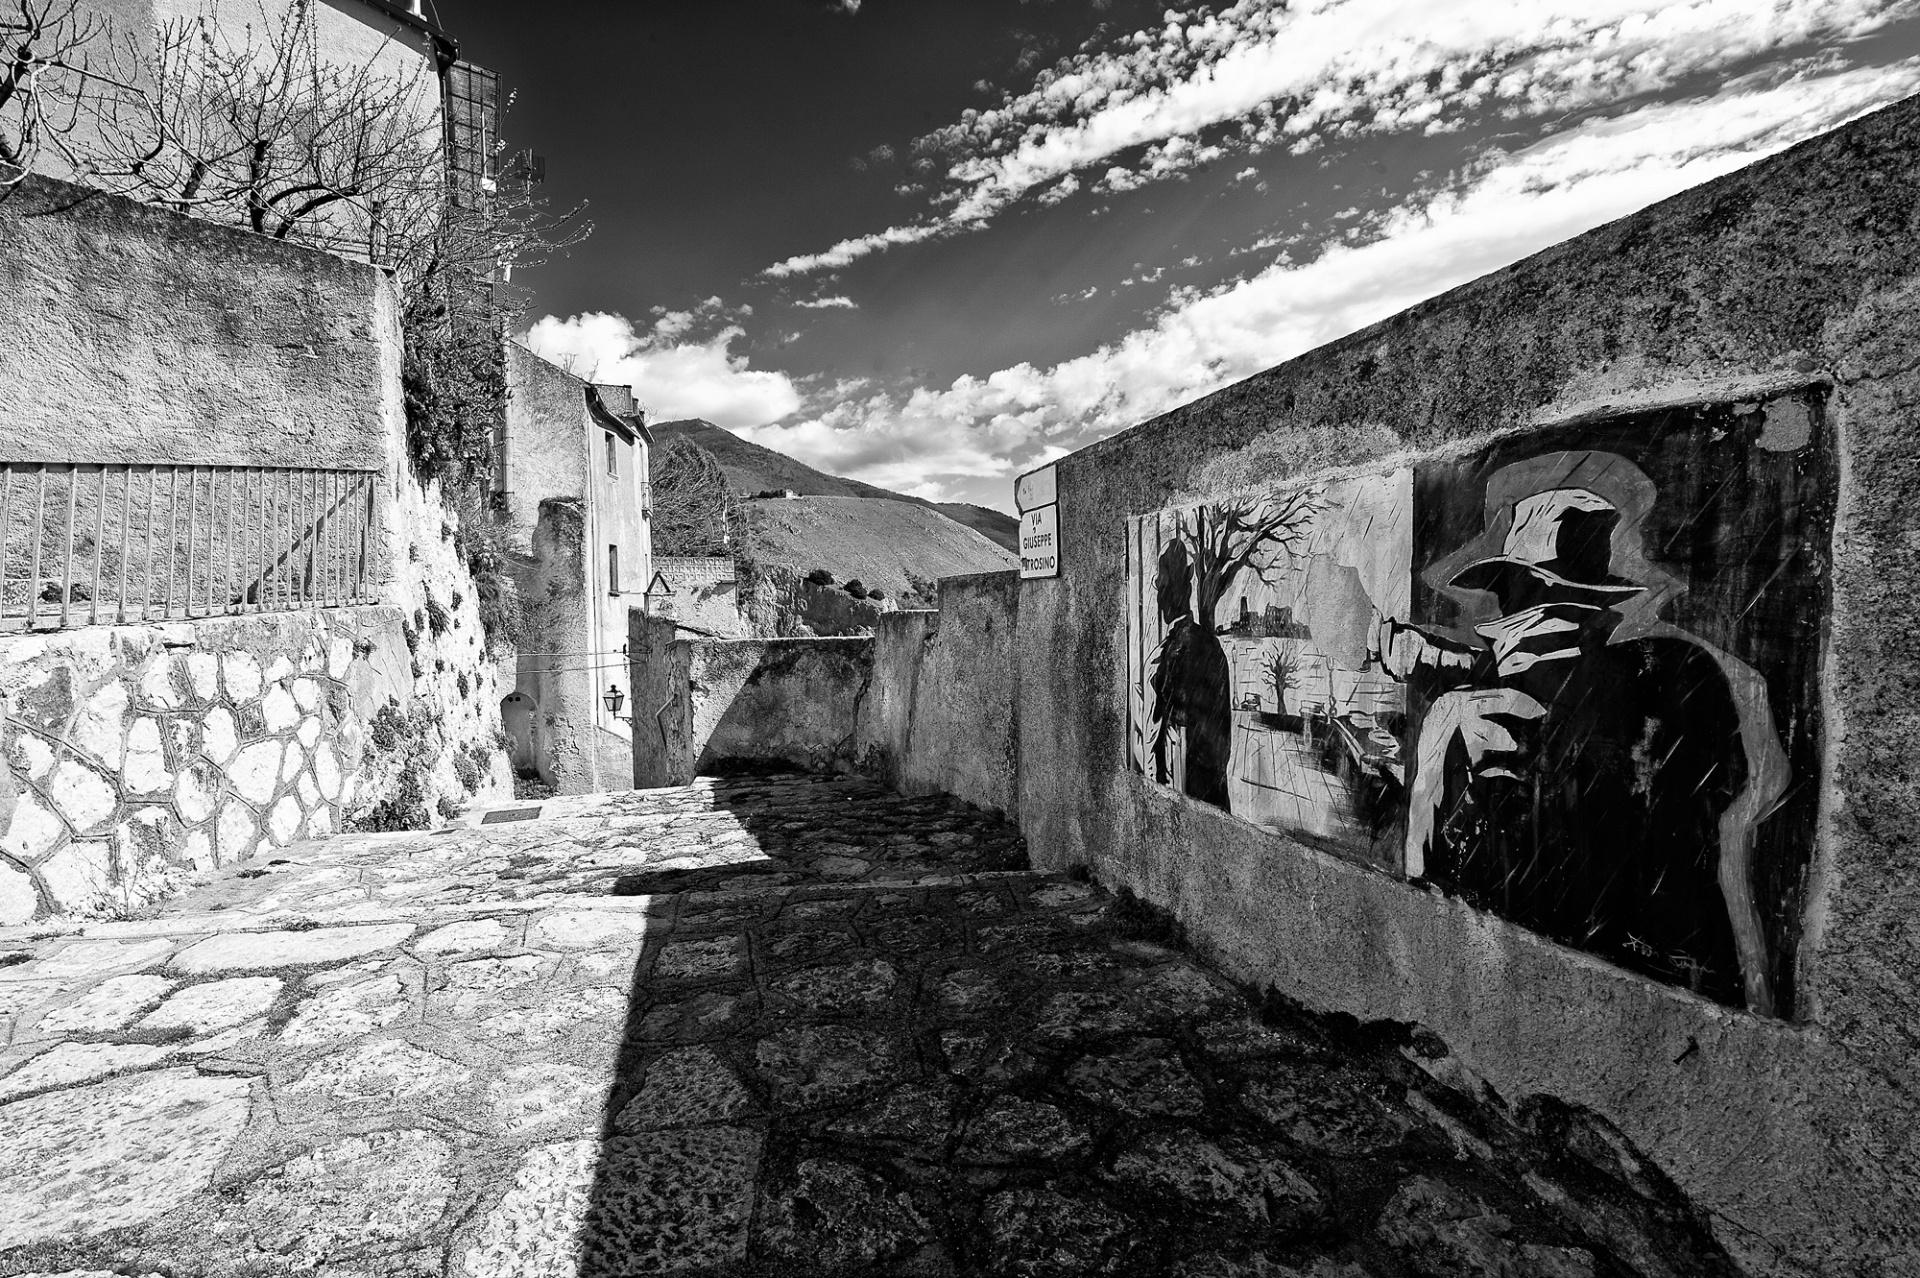 Joe Petrosino, vita e morte di un detective, Quando si sente parlare di Padula, piccolo borgo rurale sito nella Valle di Diano, a cavallo tra la Campania e la Basilicata (ma la sua provincia è Salerno), il collegamento più